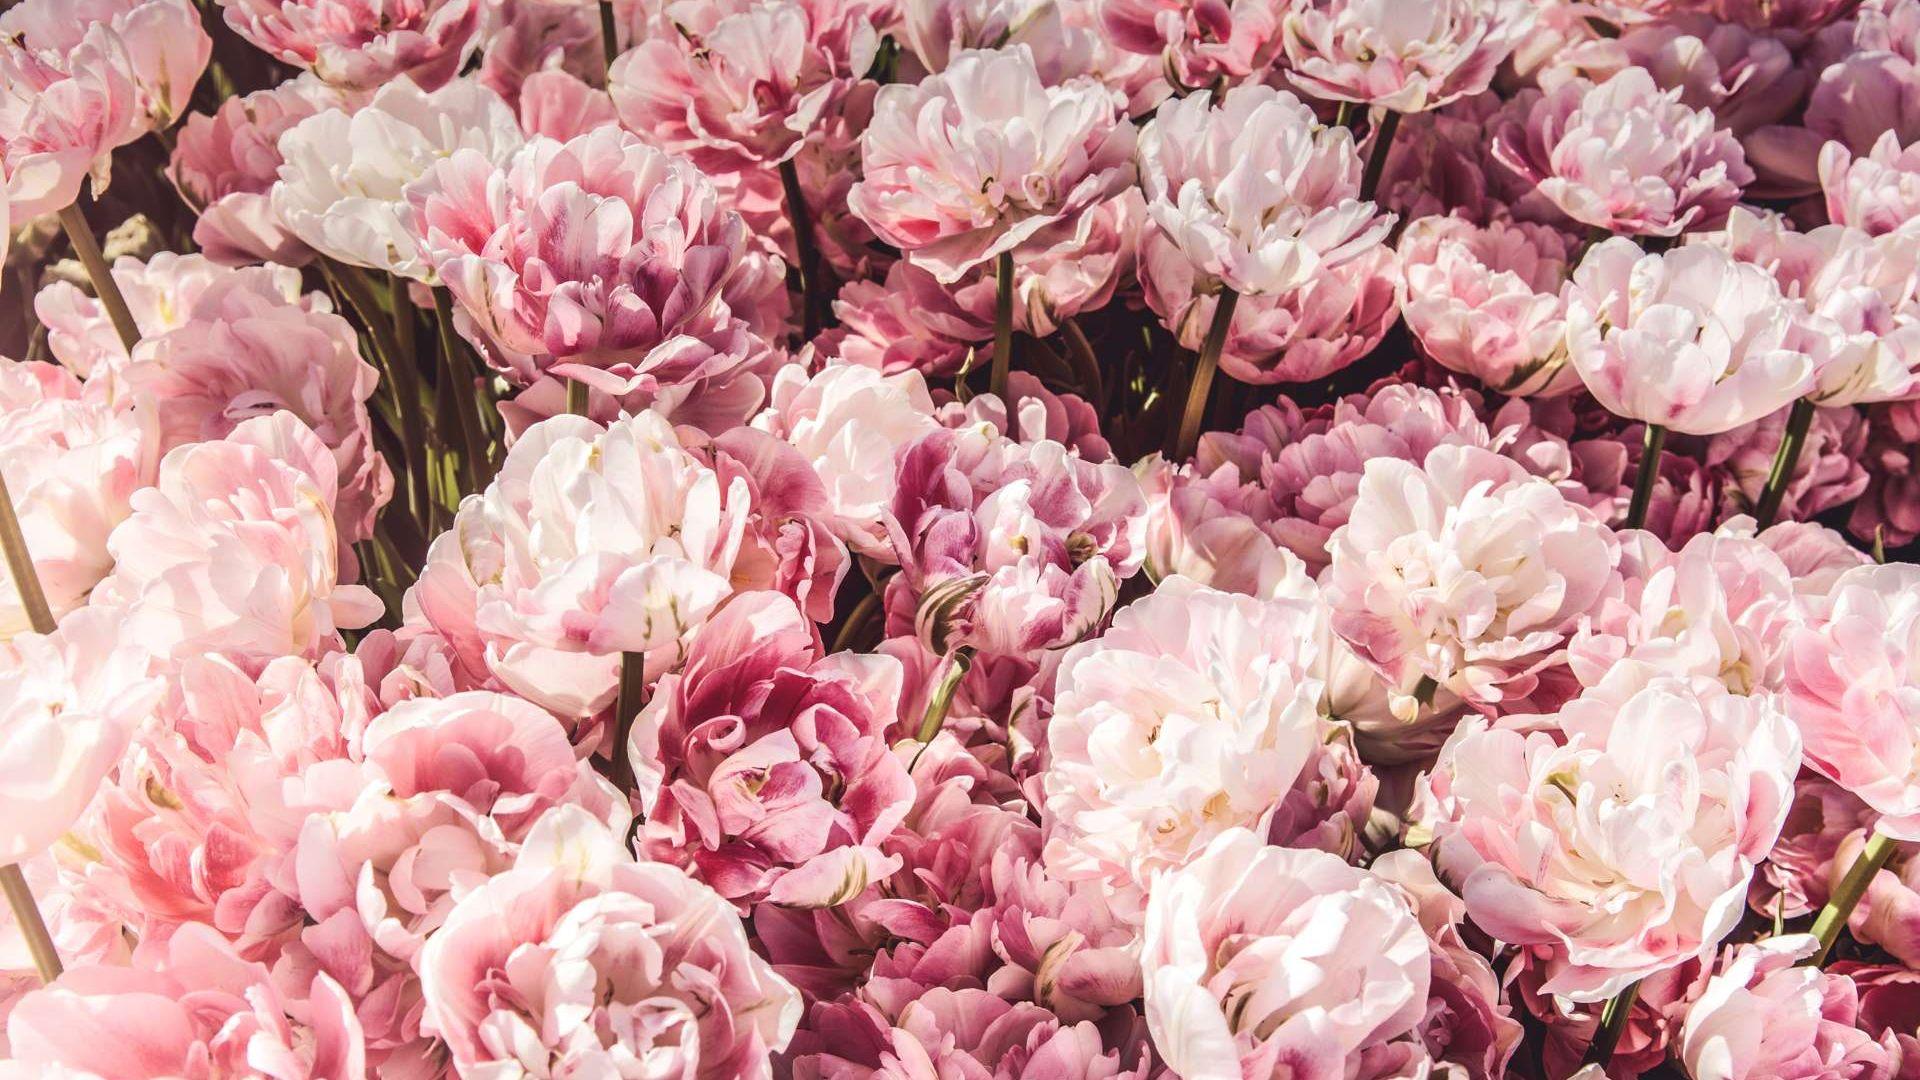 Amborella estrena web - Amborella, floristería online en Madrid